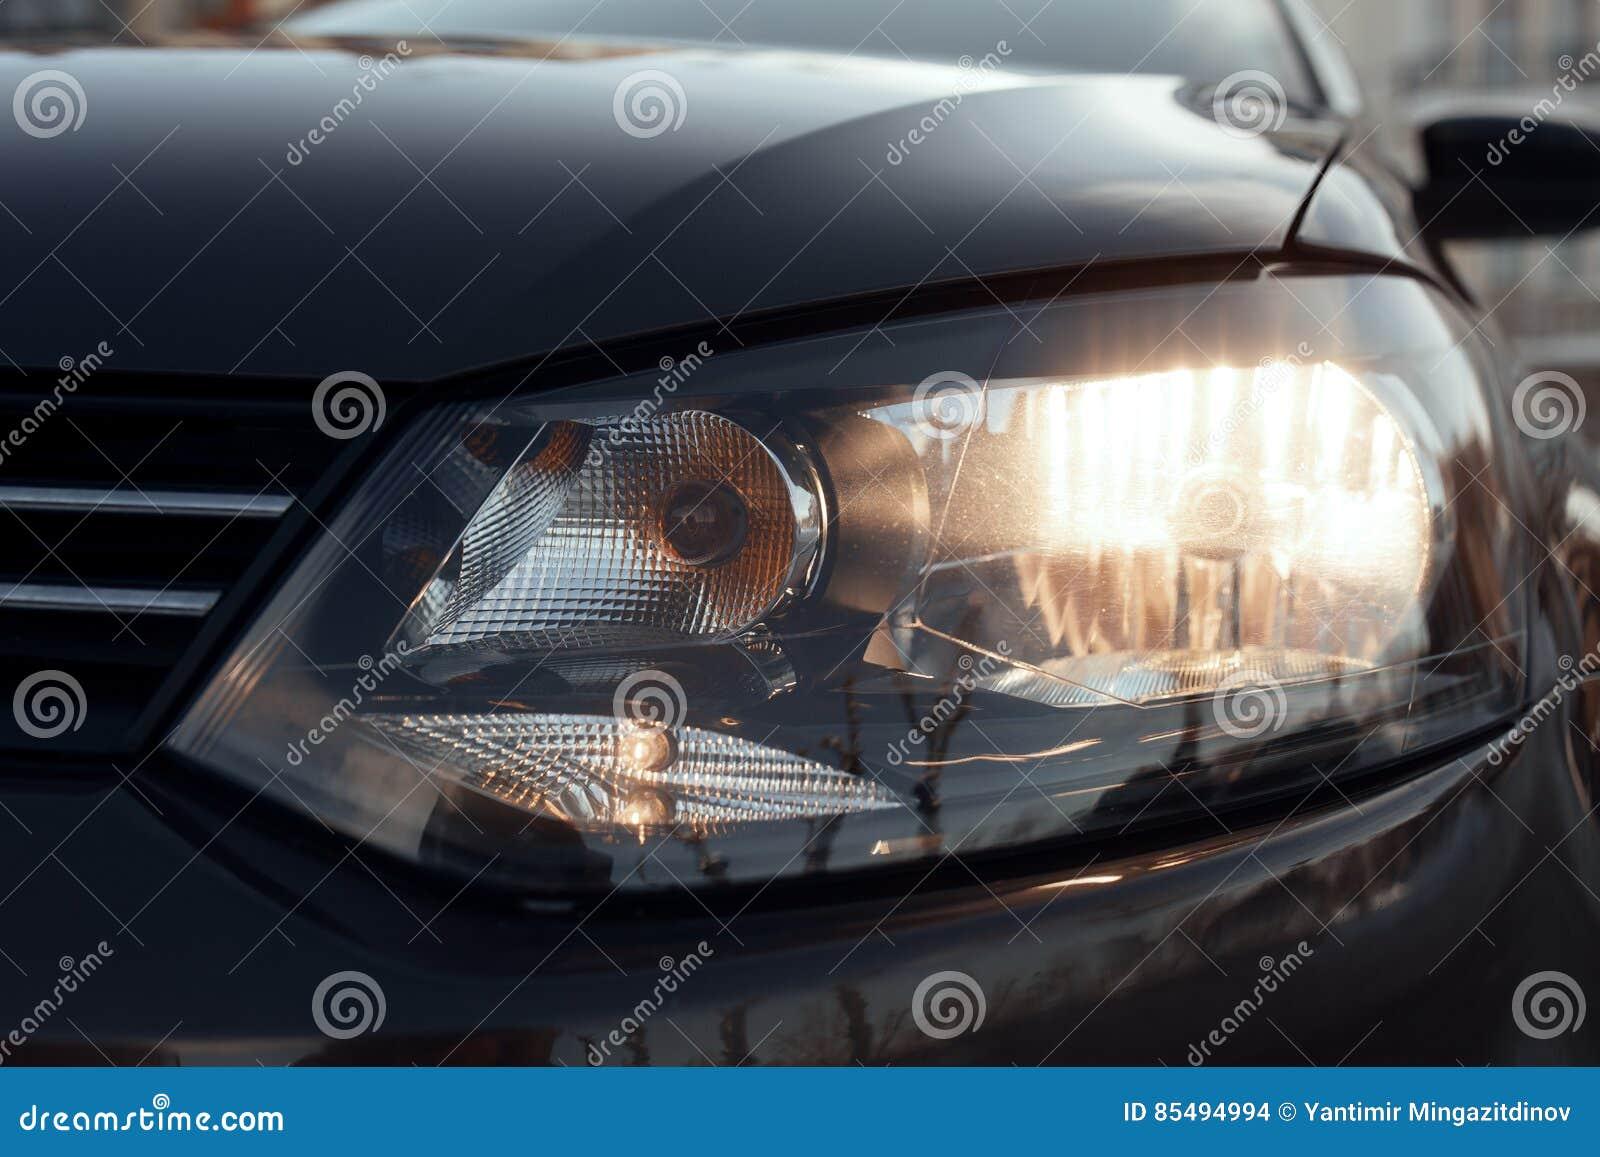 Dipped Beam Headlights : Dipped beam headlights icon vector illustration